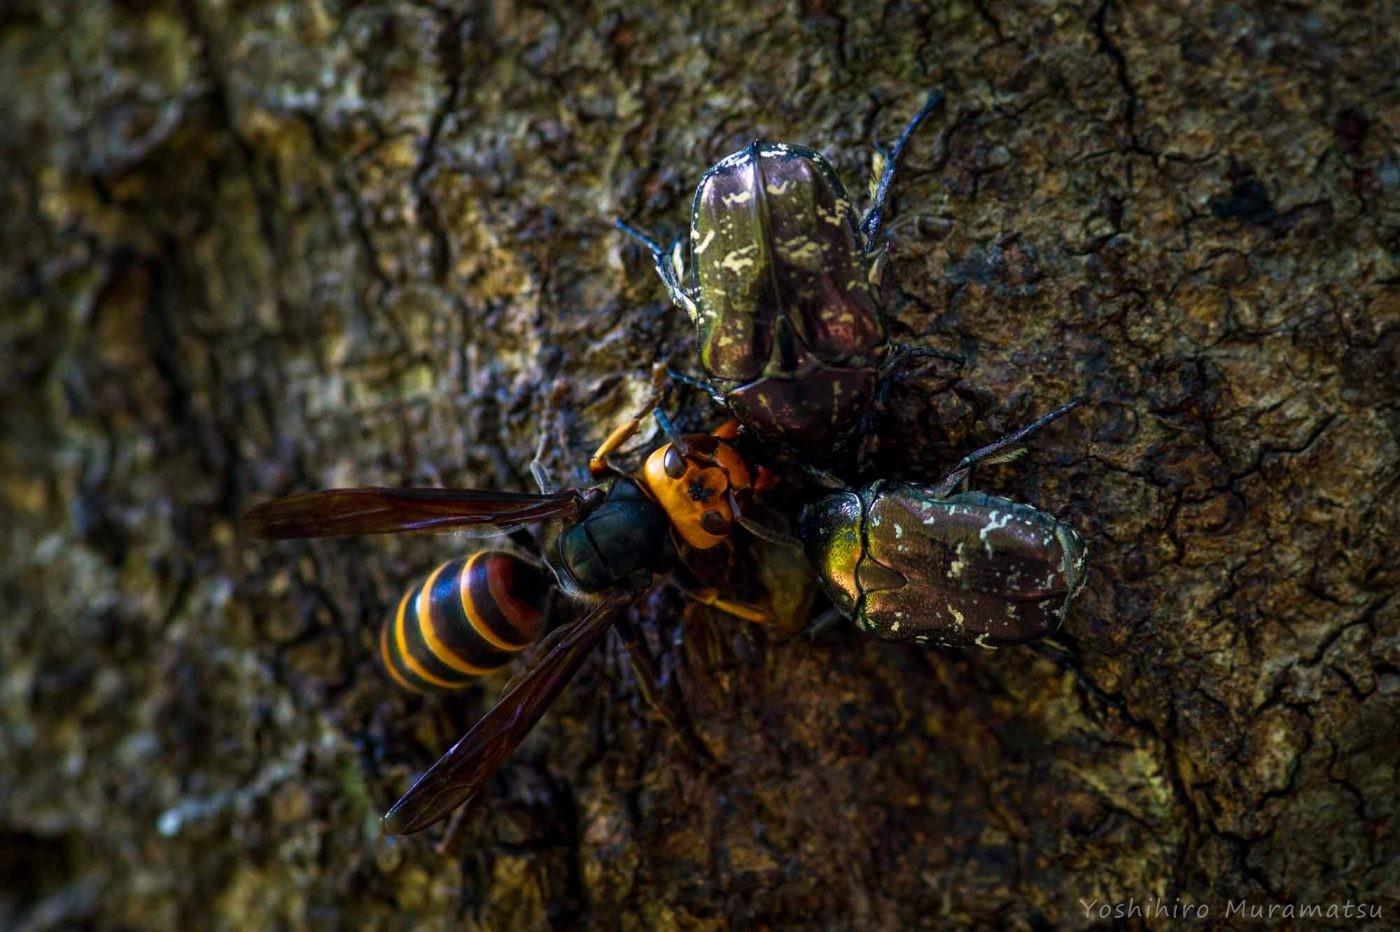 シロテンハナムグリとコガタスズメバチの写真